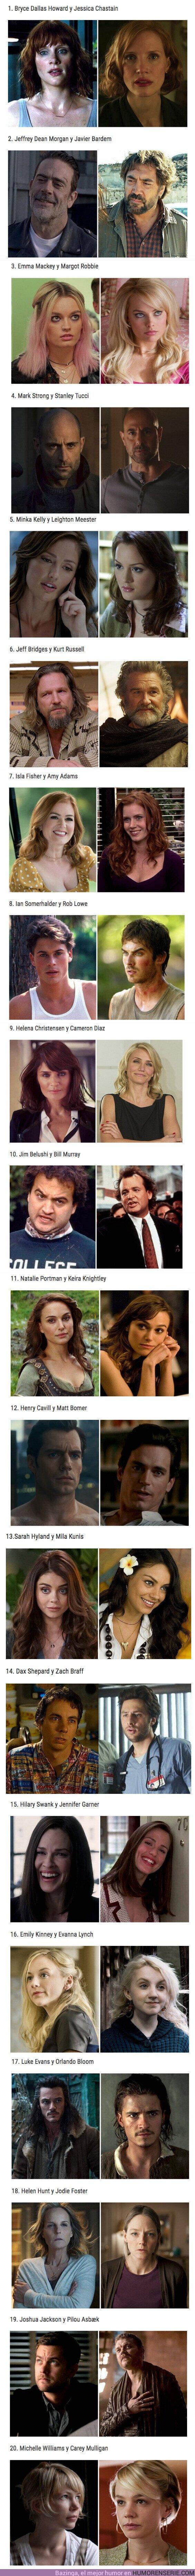 49553 - GALERÍA: Estos 20 actores de Hollywood son tan parecidos que podrían pasar por hermanos